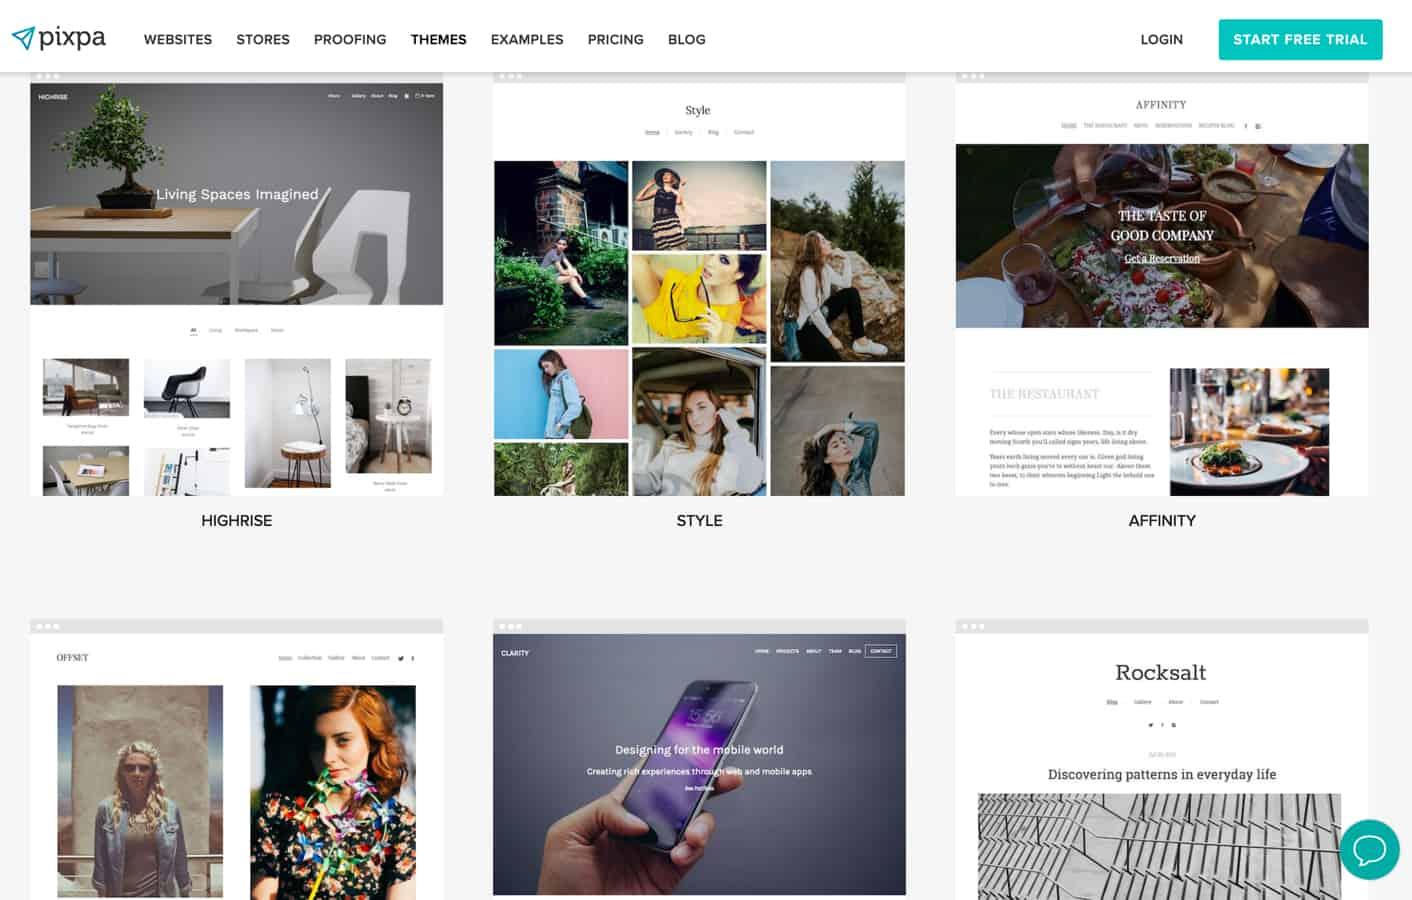 pixpa site builder themes